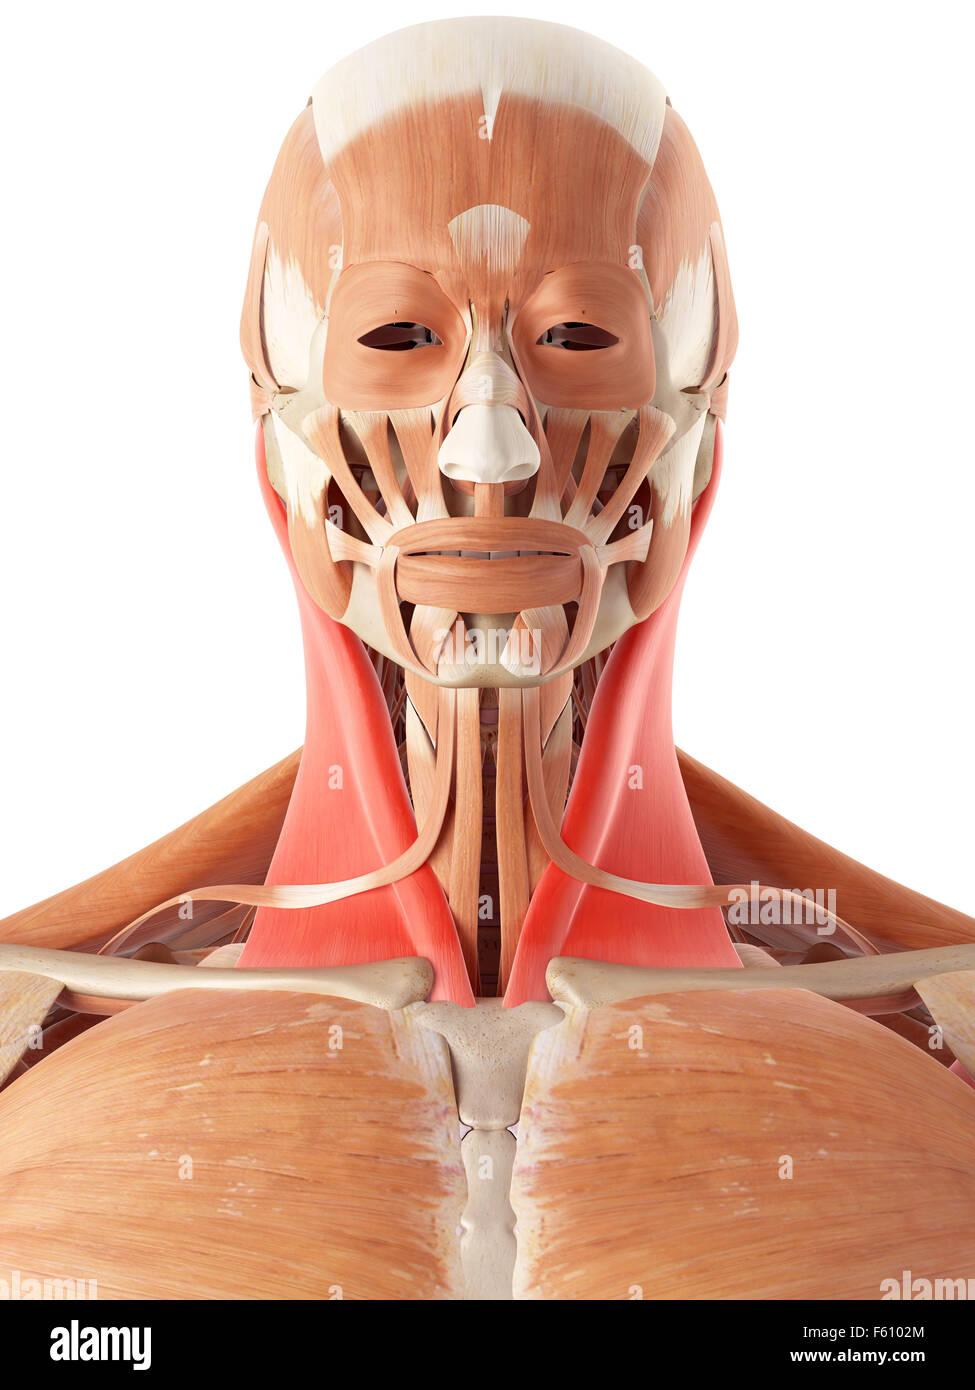 Sternocleidomastoid Muscle Stockfotos Sternocleidomastoid Muscle